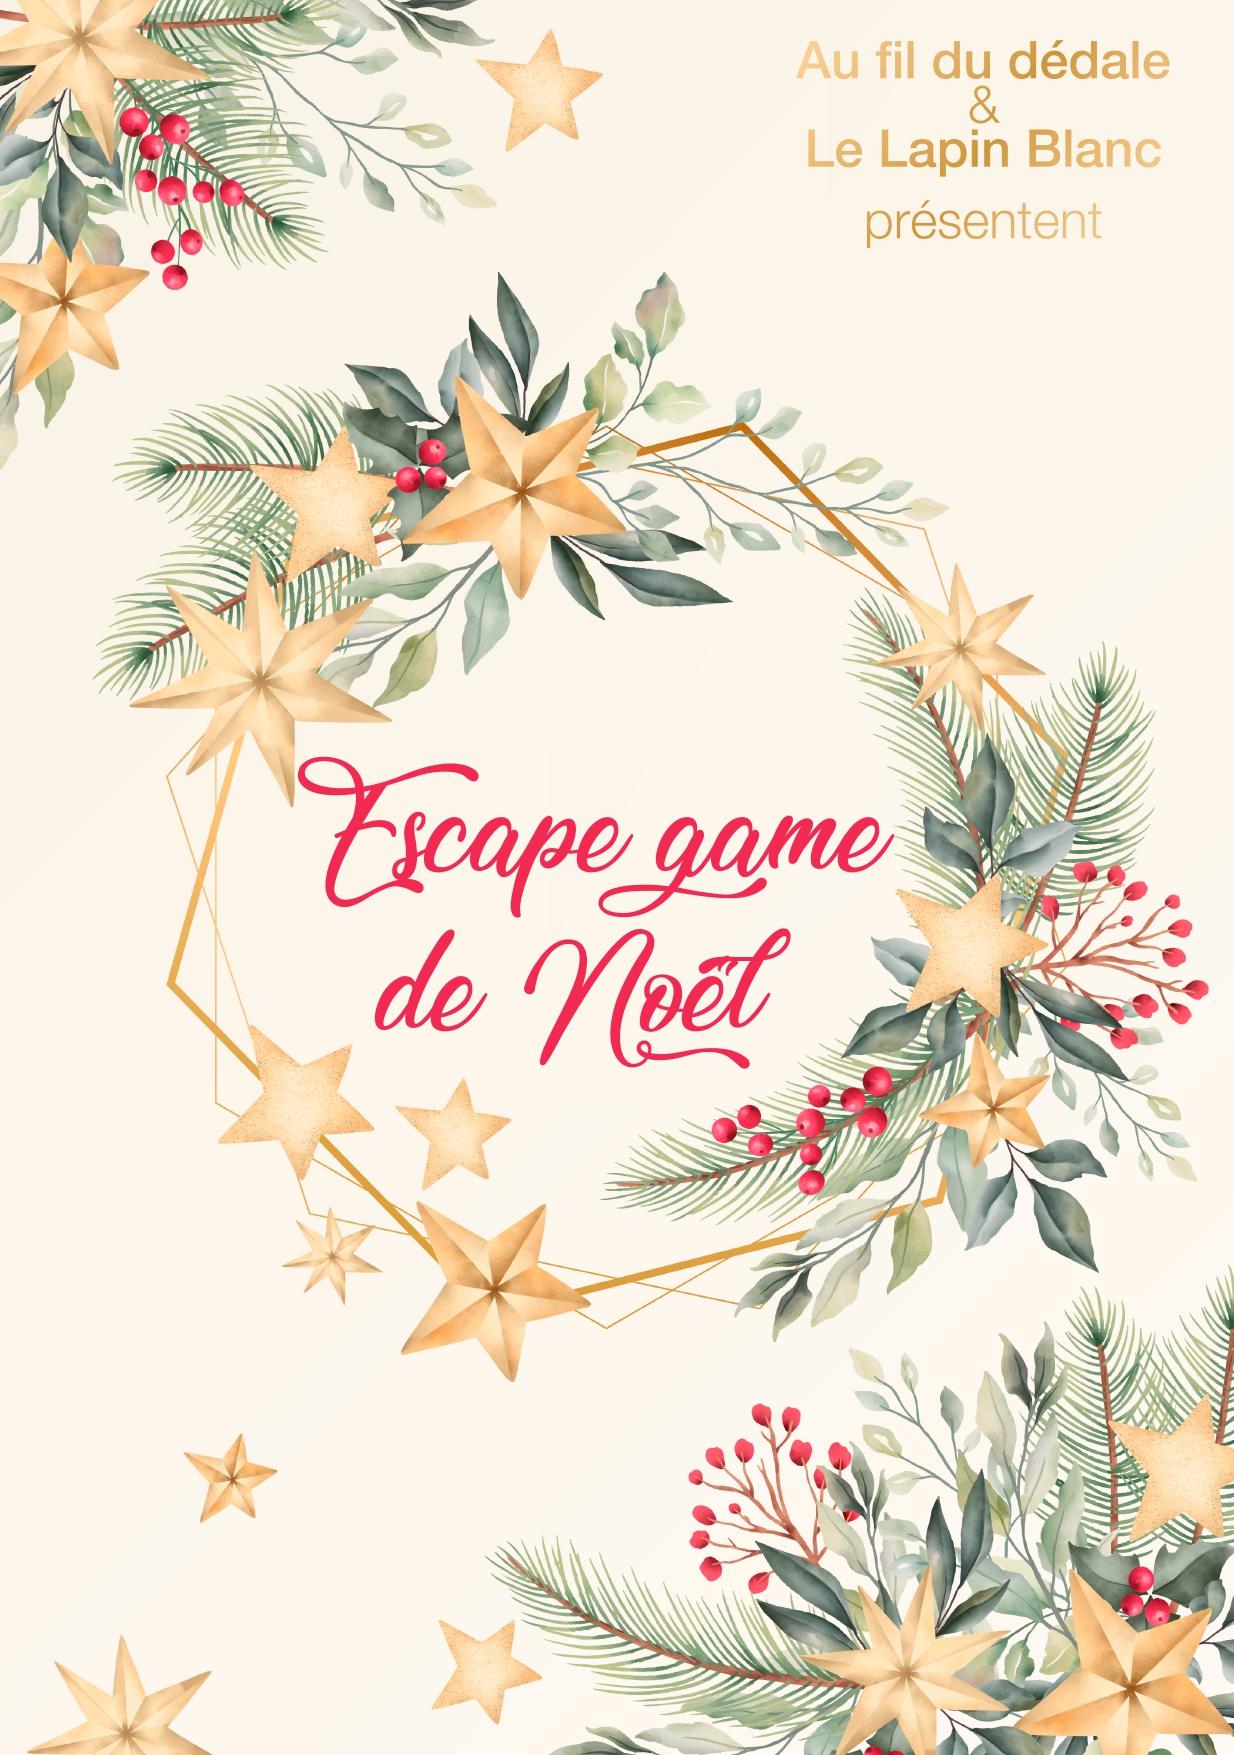 Escape game de Noël - Le Lapin Blanc & Au fil du dédale